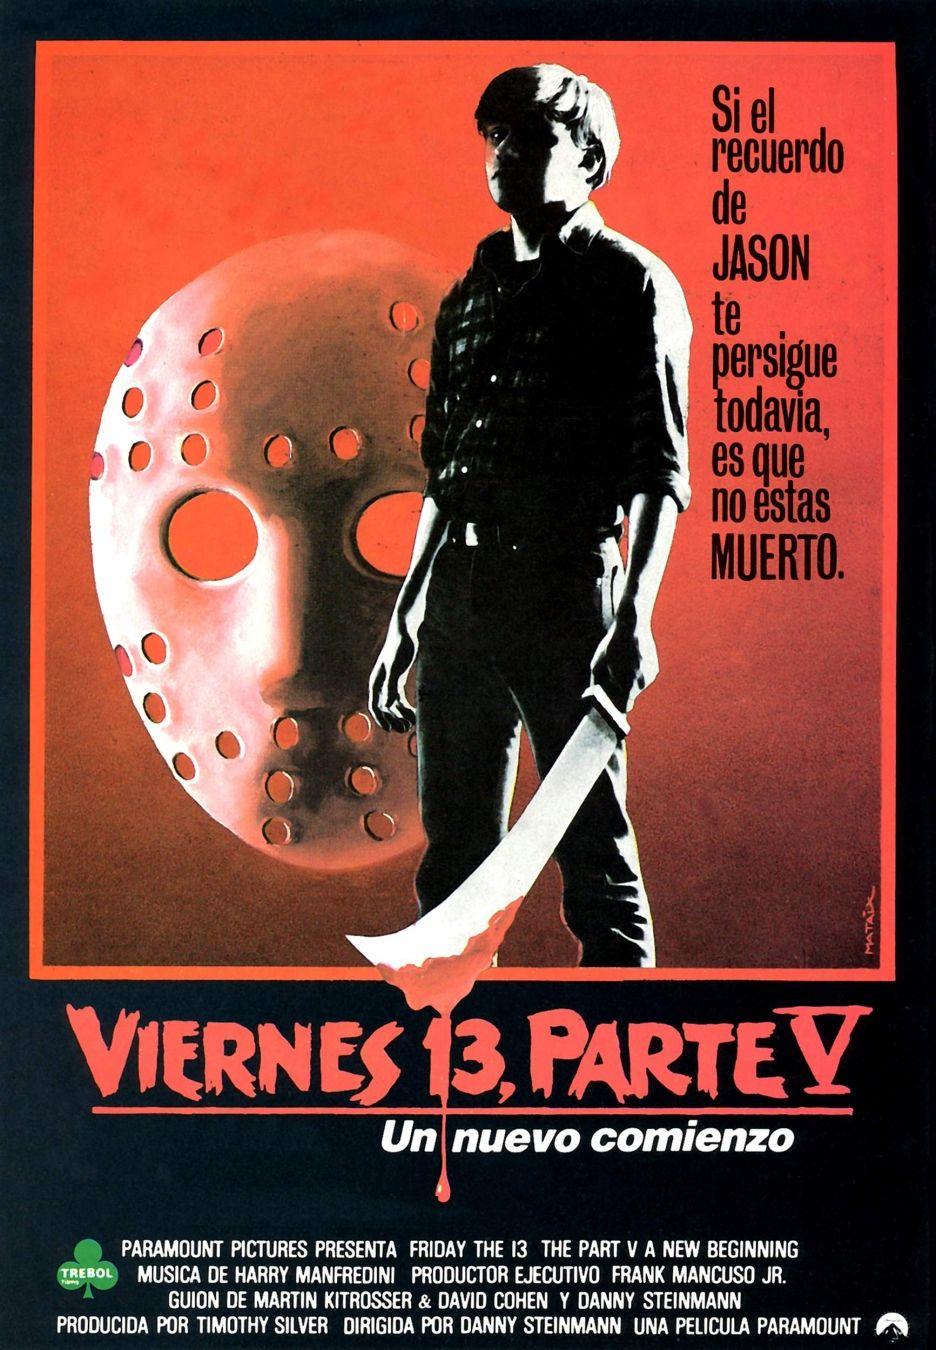 Viernes 13 Posters De Muerte Viernes 13 Viernes Viernes 13 Pelicula